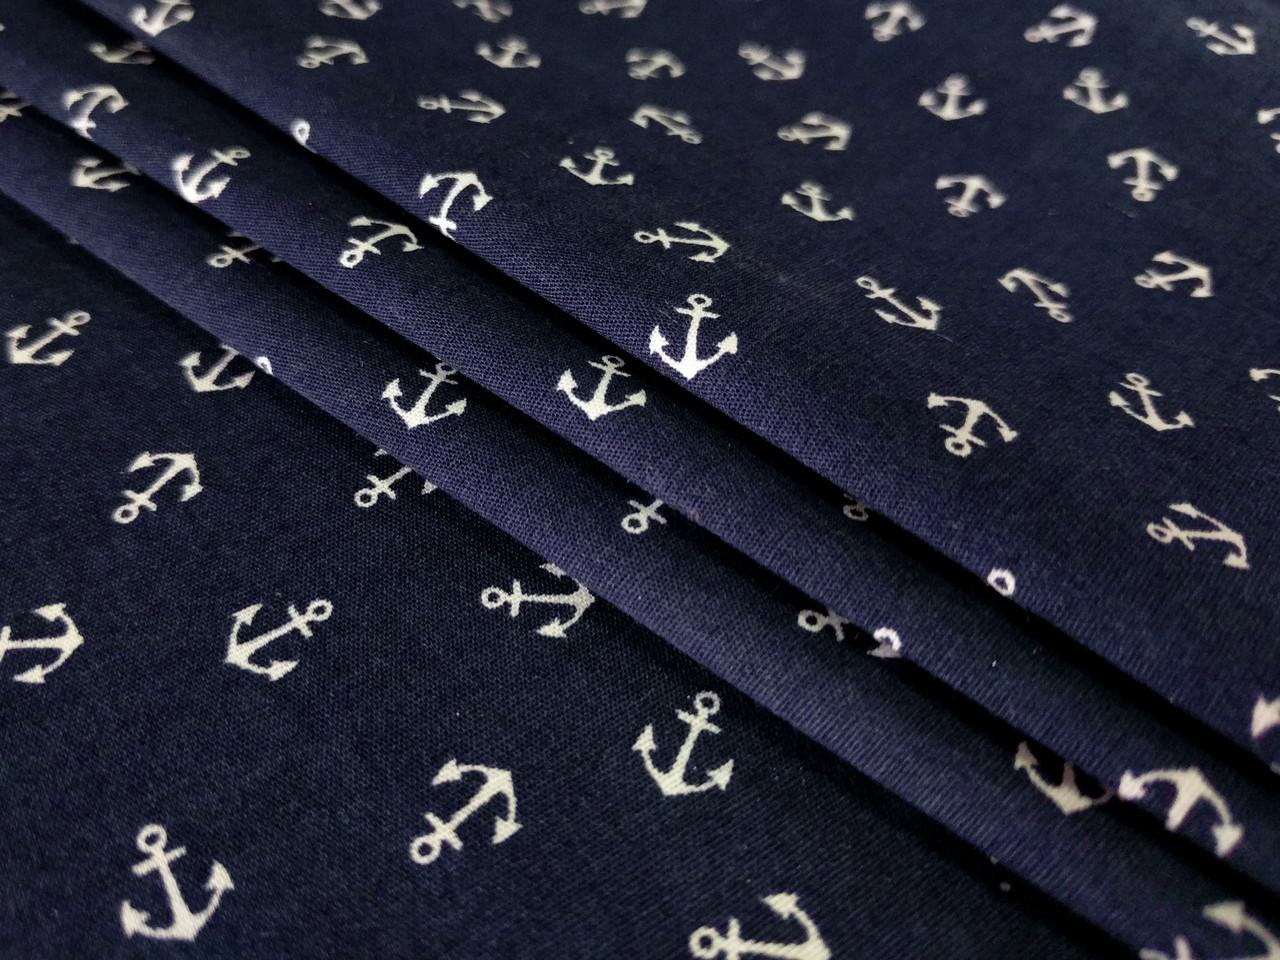 Коттон стрейчевый рубашечный белые якоря, темно-синий